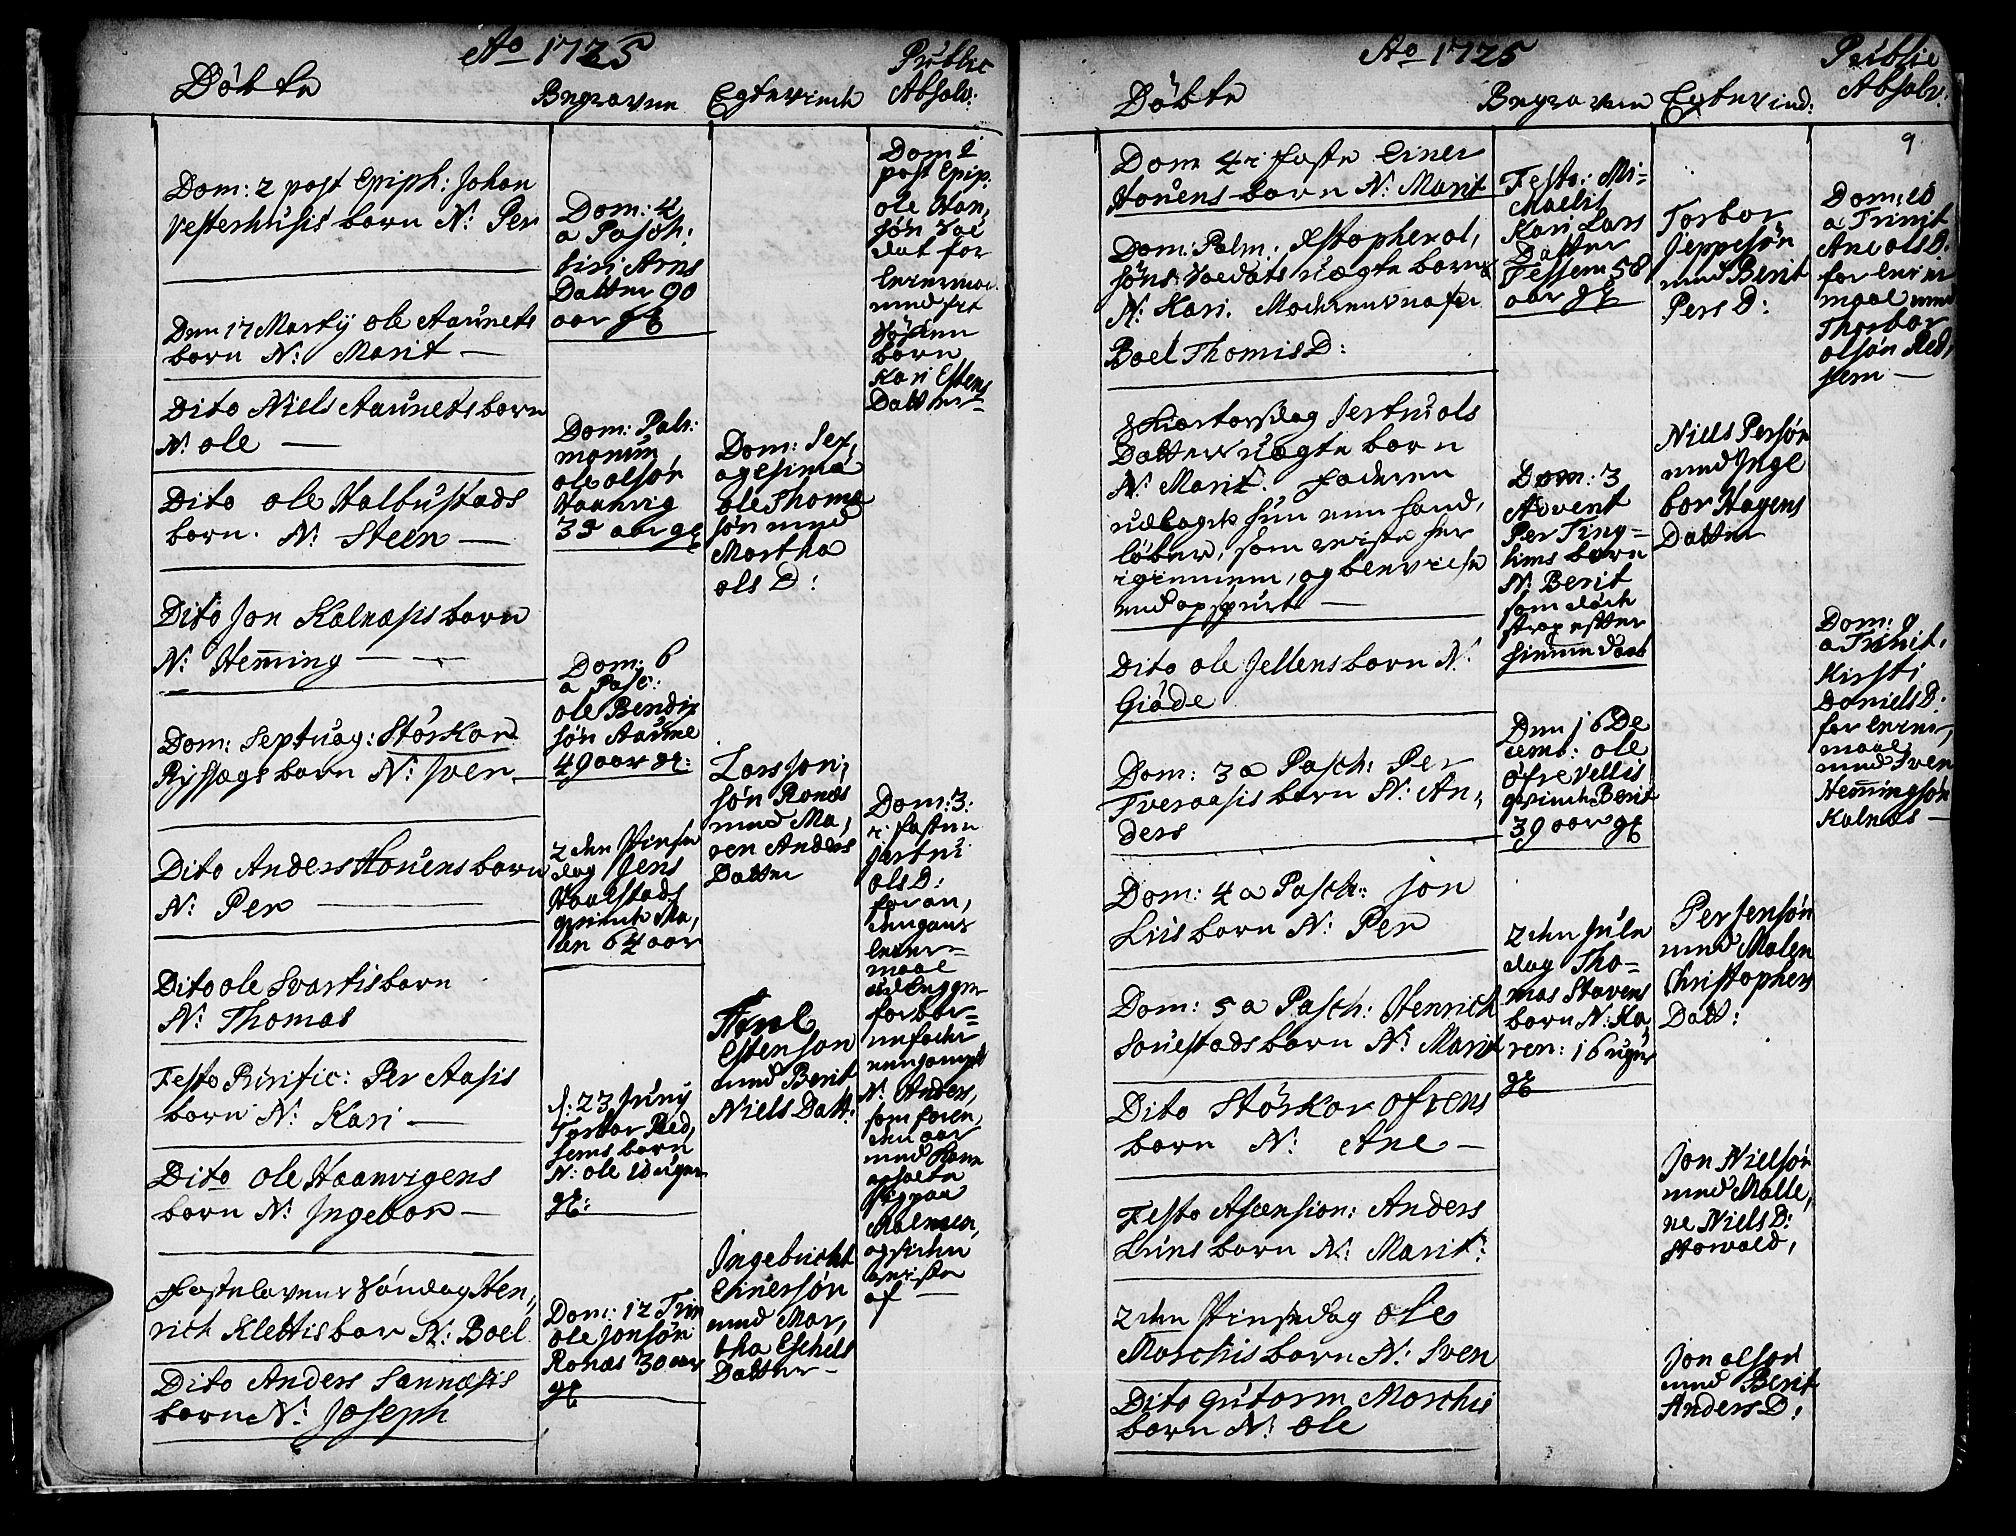 SAT, Ministerialprotokoller, klokkerbøker og fødselsregistre - Nord-Trøndelag, 741/L0385: Ministerialbok nr. 741A01, 1722-1815, s. 9